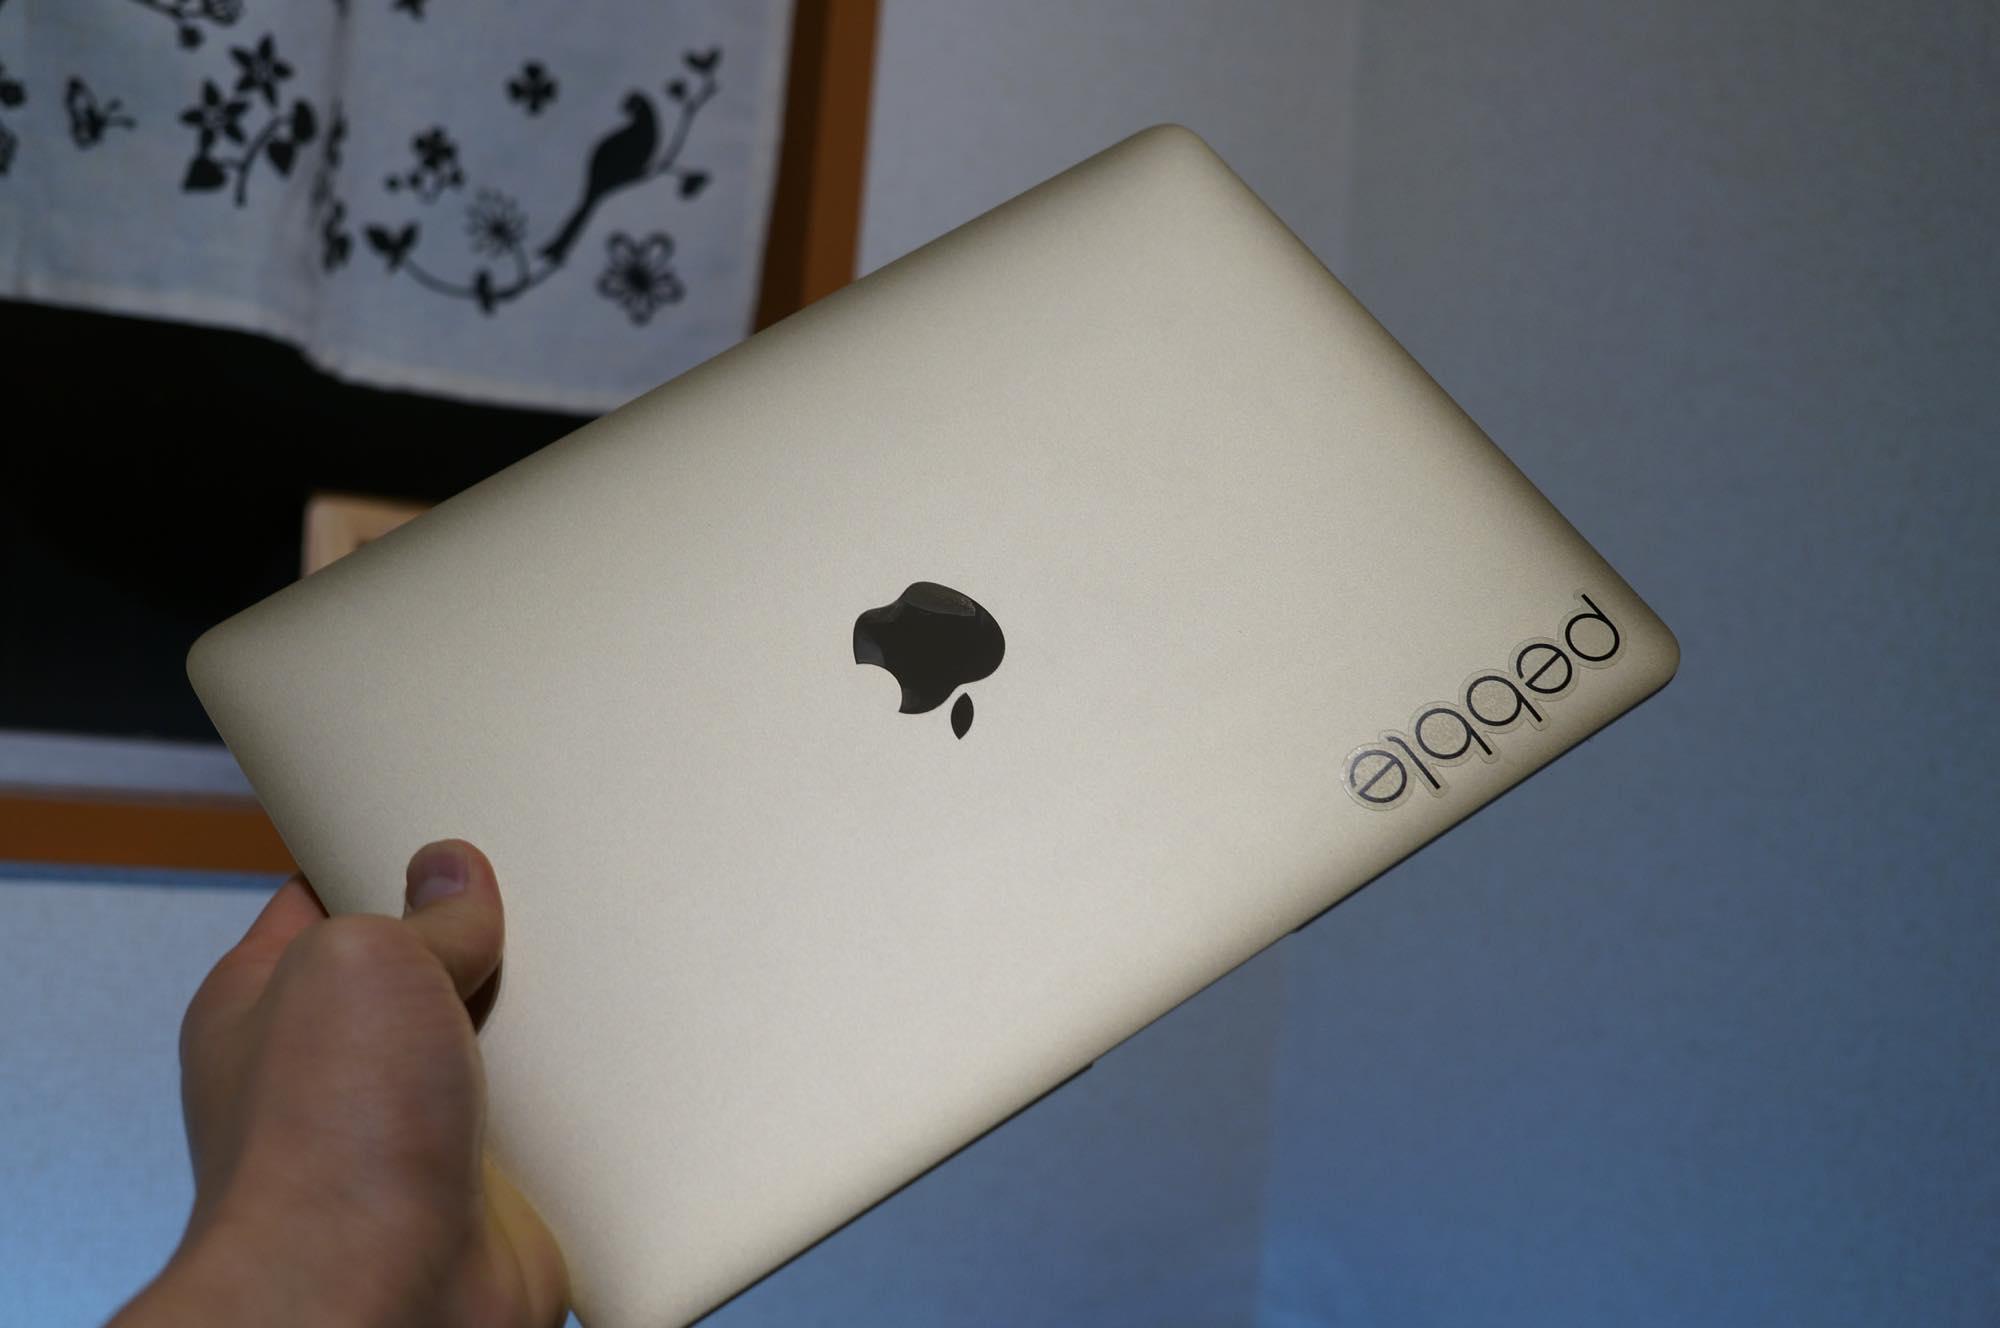 macbook12-review2